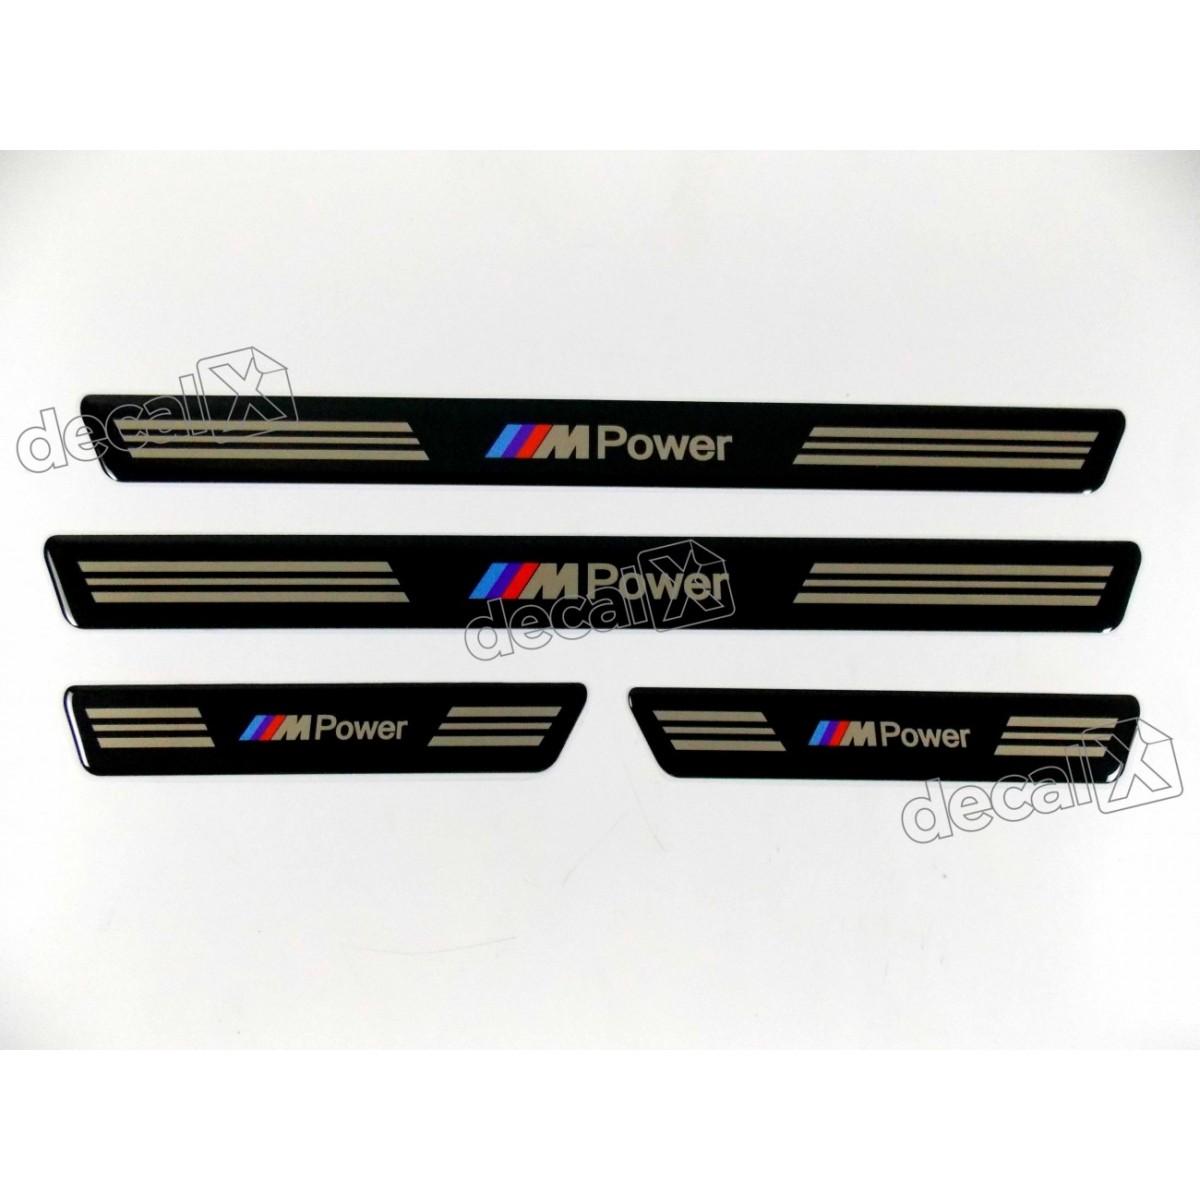 Soleira De Proteção Bmw Power - Decalx